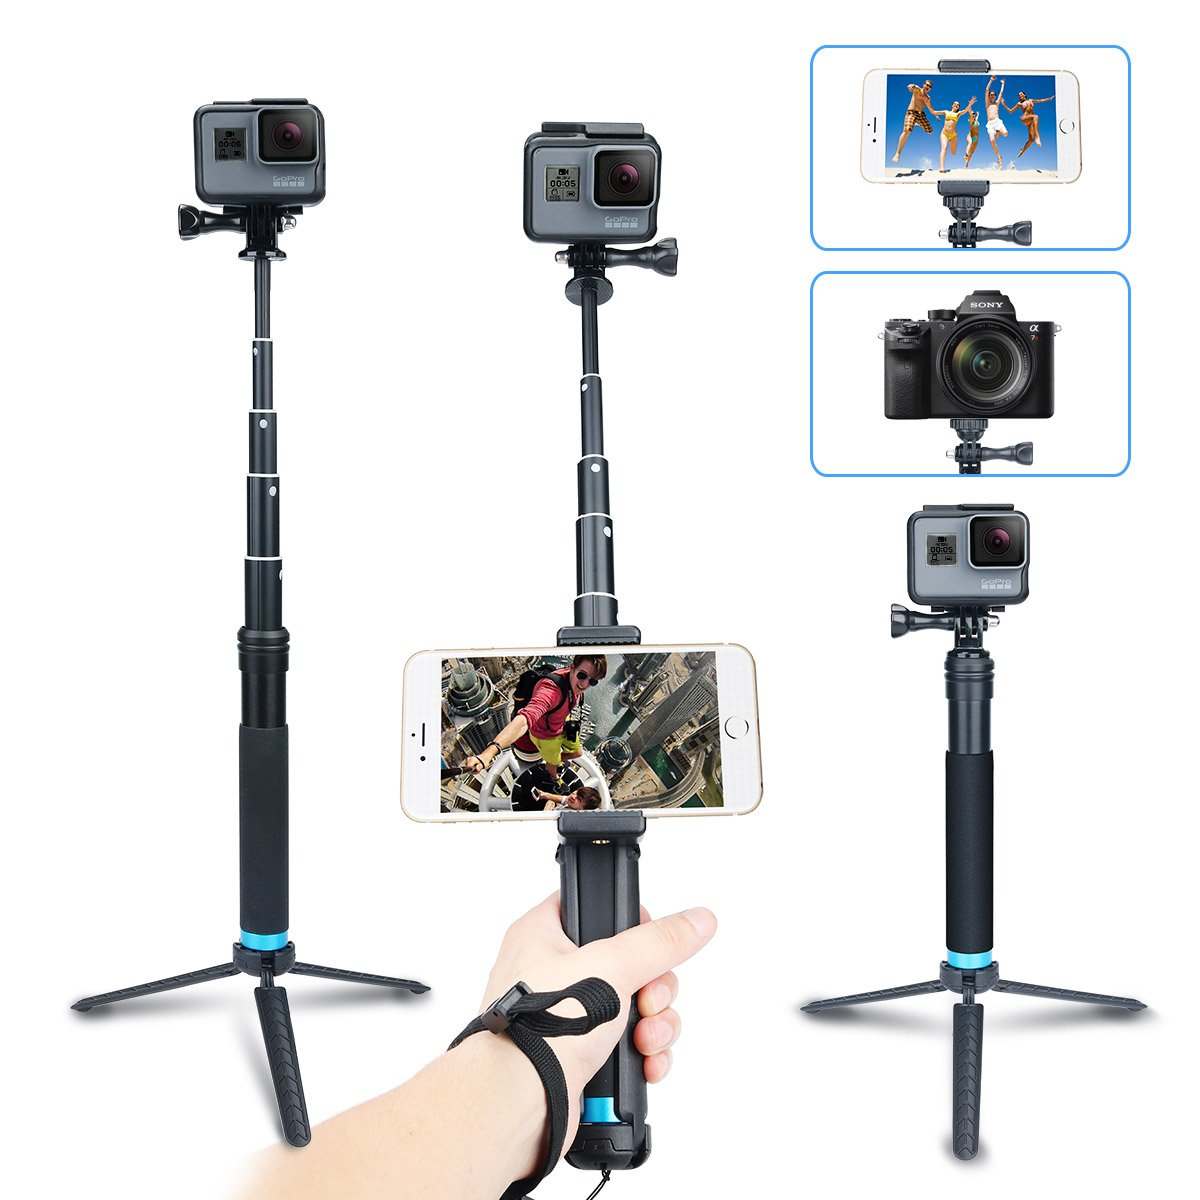 AFAITH Portable Foldable Extendable Aluminum Alloy Selfie Stick + Detachable Tripod Mount+ Phone Clip ,for iPhone 7 Plus 7 6s Samsung Galaxy S7 S8, Gopros, DSLR, Cameras GP073